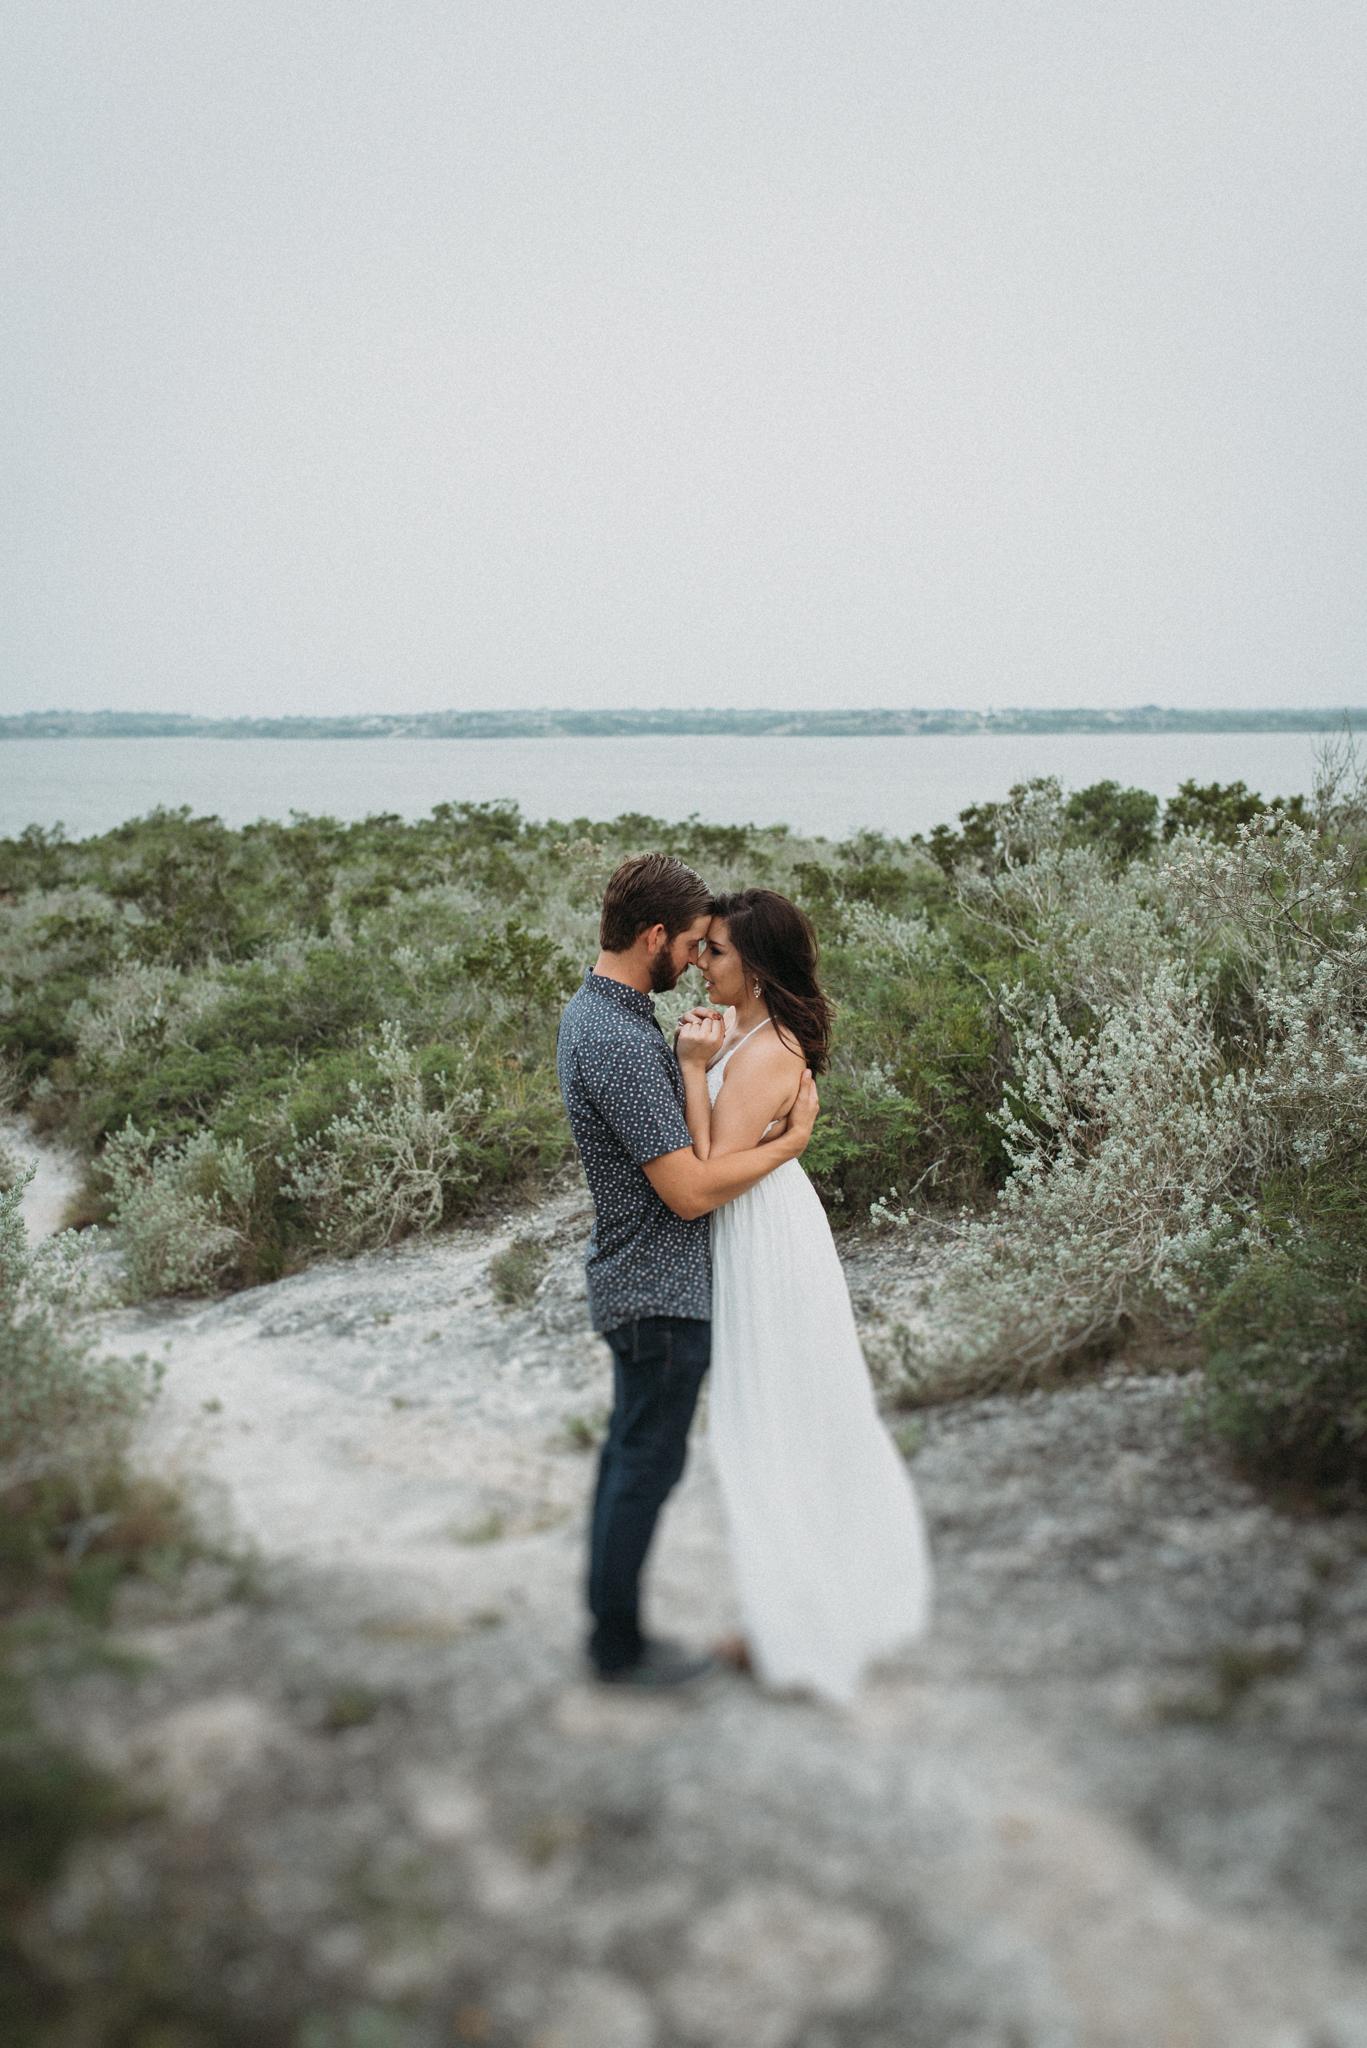 lake-corpus-christi-engagement-and-wedding-photographer